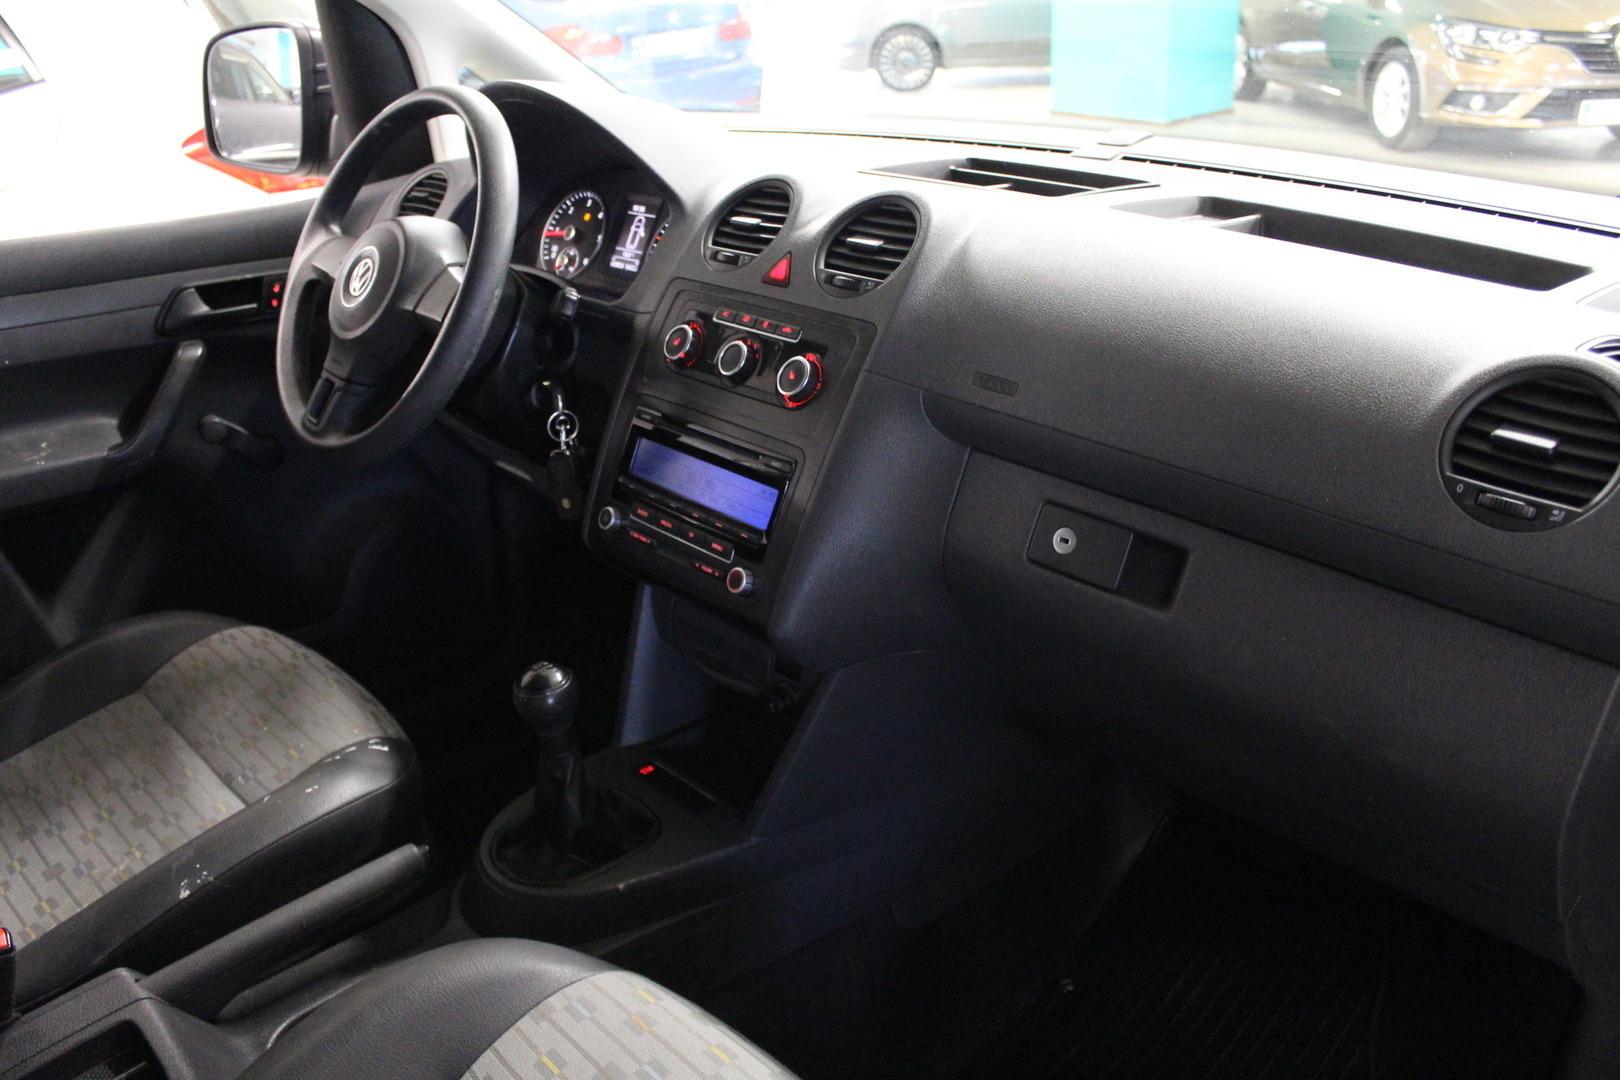 Volkswagen Caddy Maxi, 1.6TDI #Webasto kaukosäädöllä #Sis alv #Vakkari